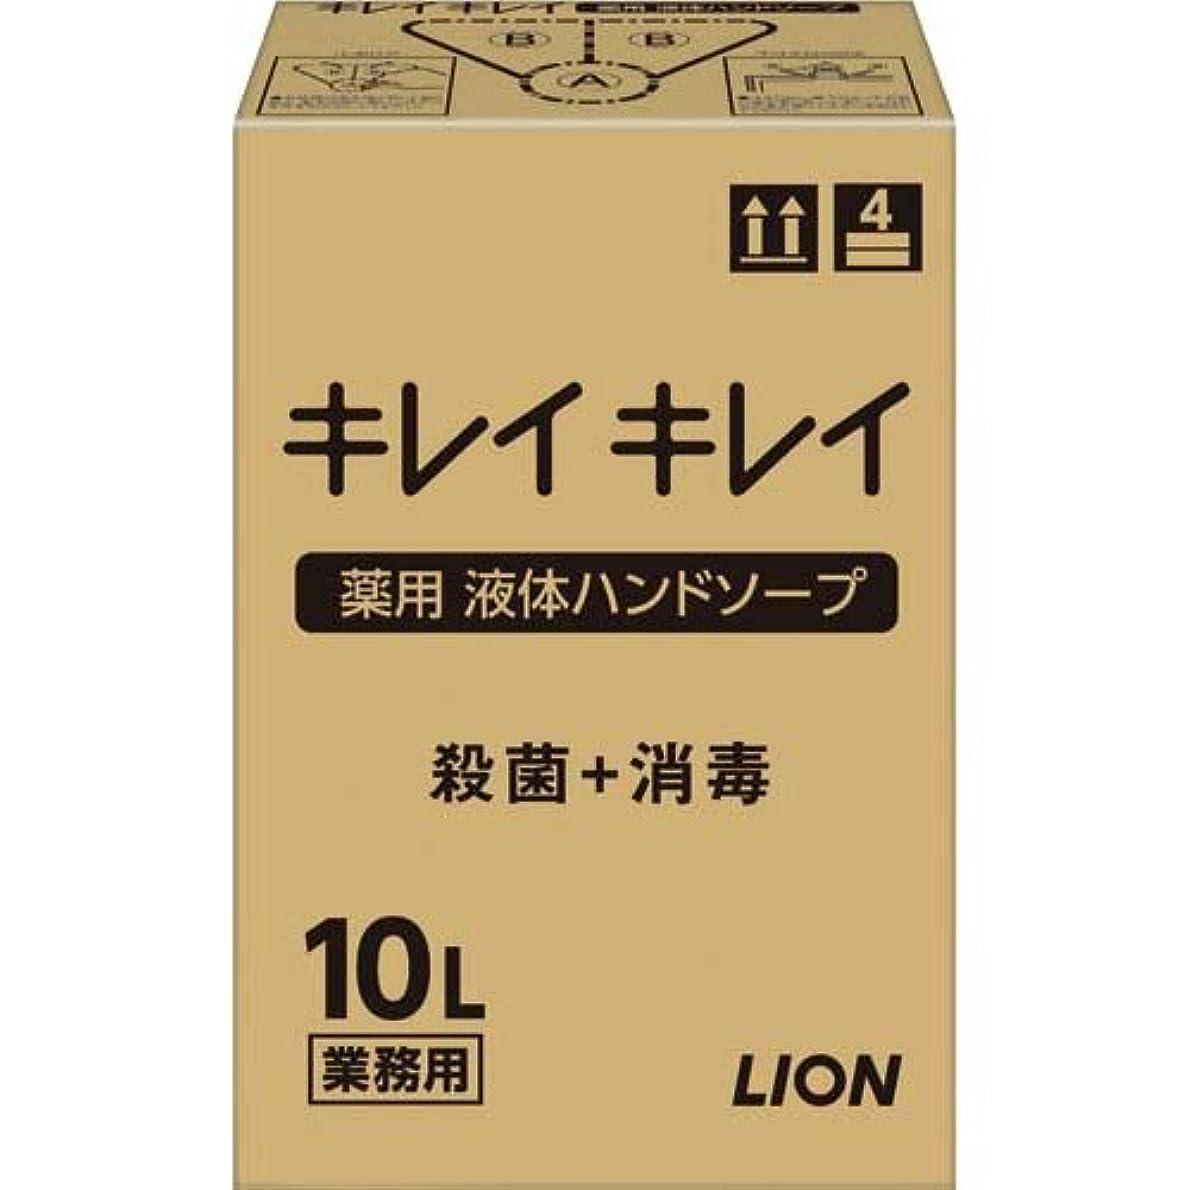 グレートオークゆるい戦術キレイキレイ 薬用ハンドソープ 10L